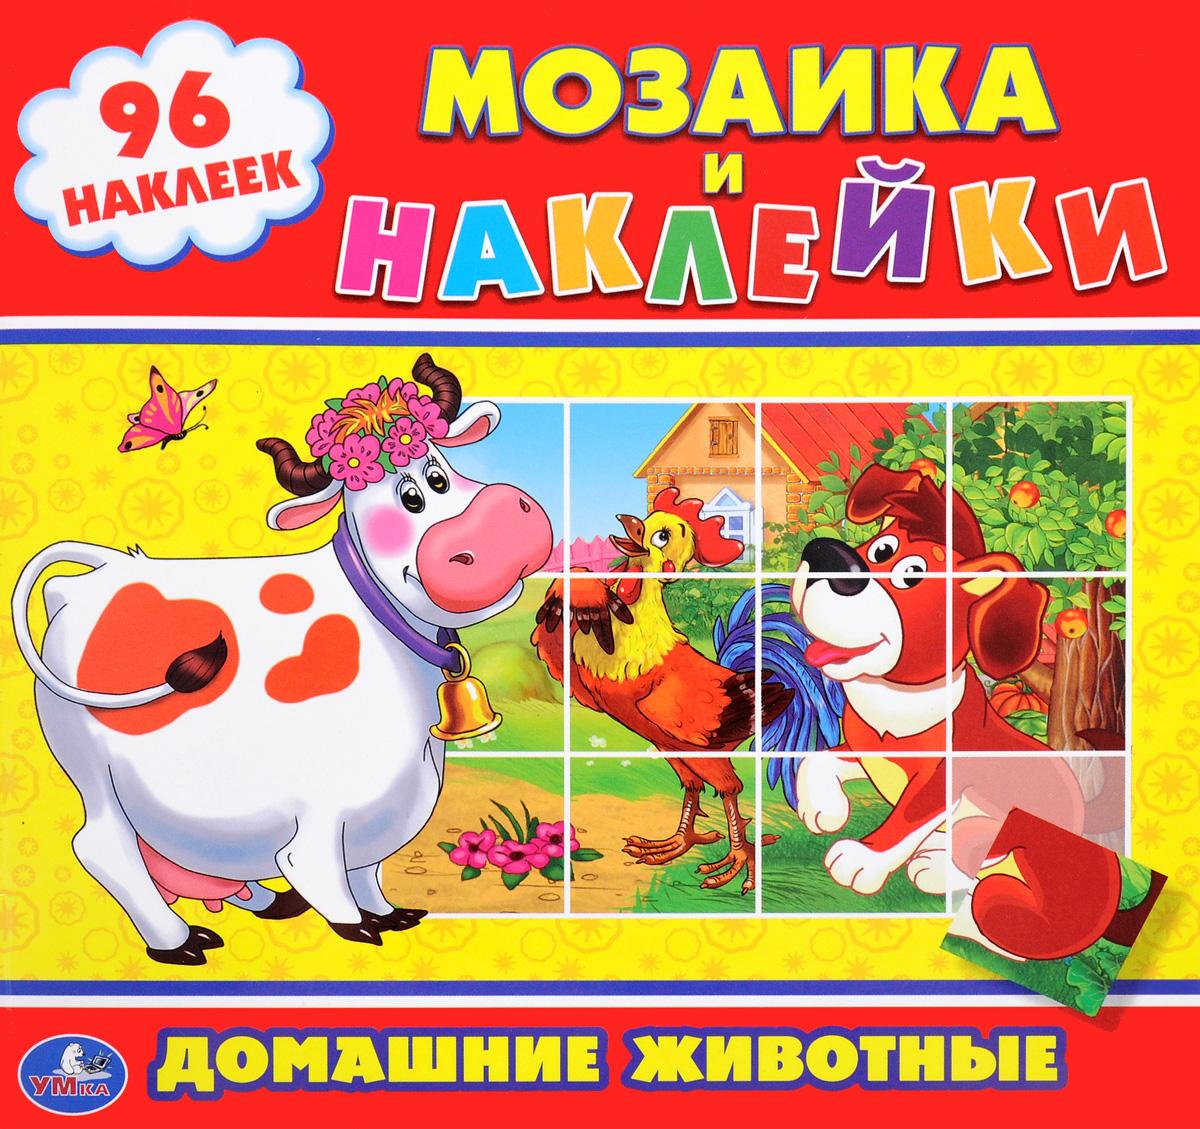 Домашние животные. Мозаика и наклейки (+ 96 наклеек) лонда 10 96 отзывы